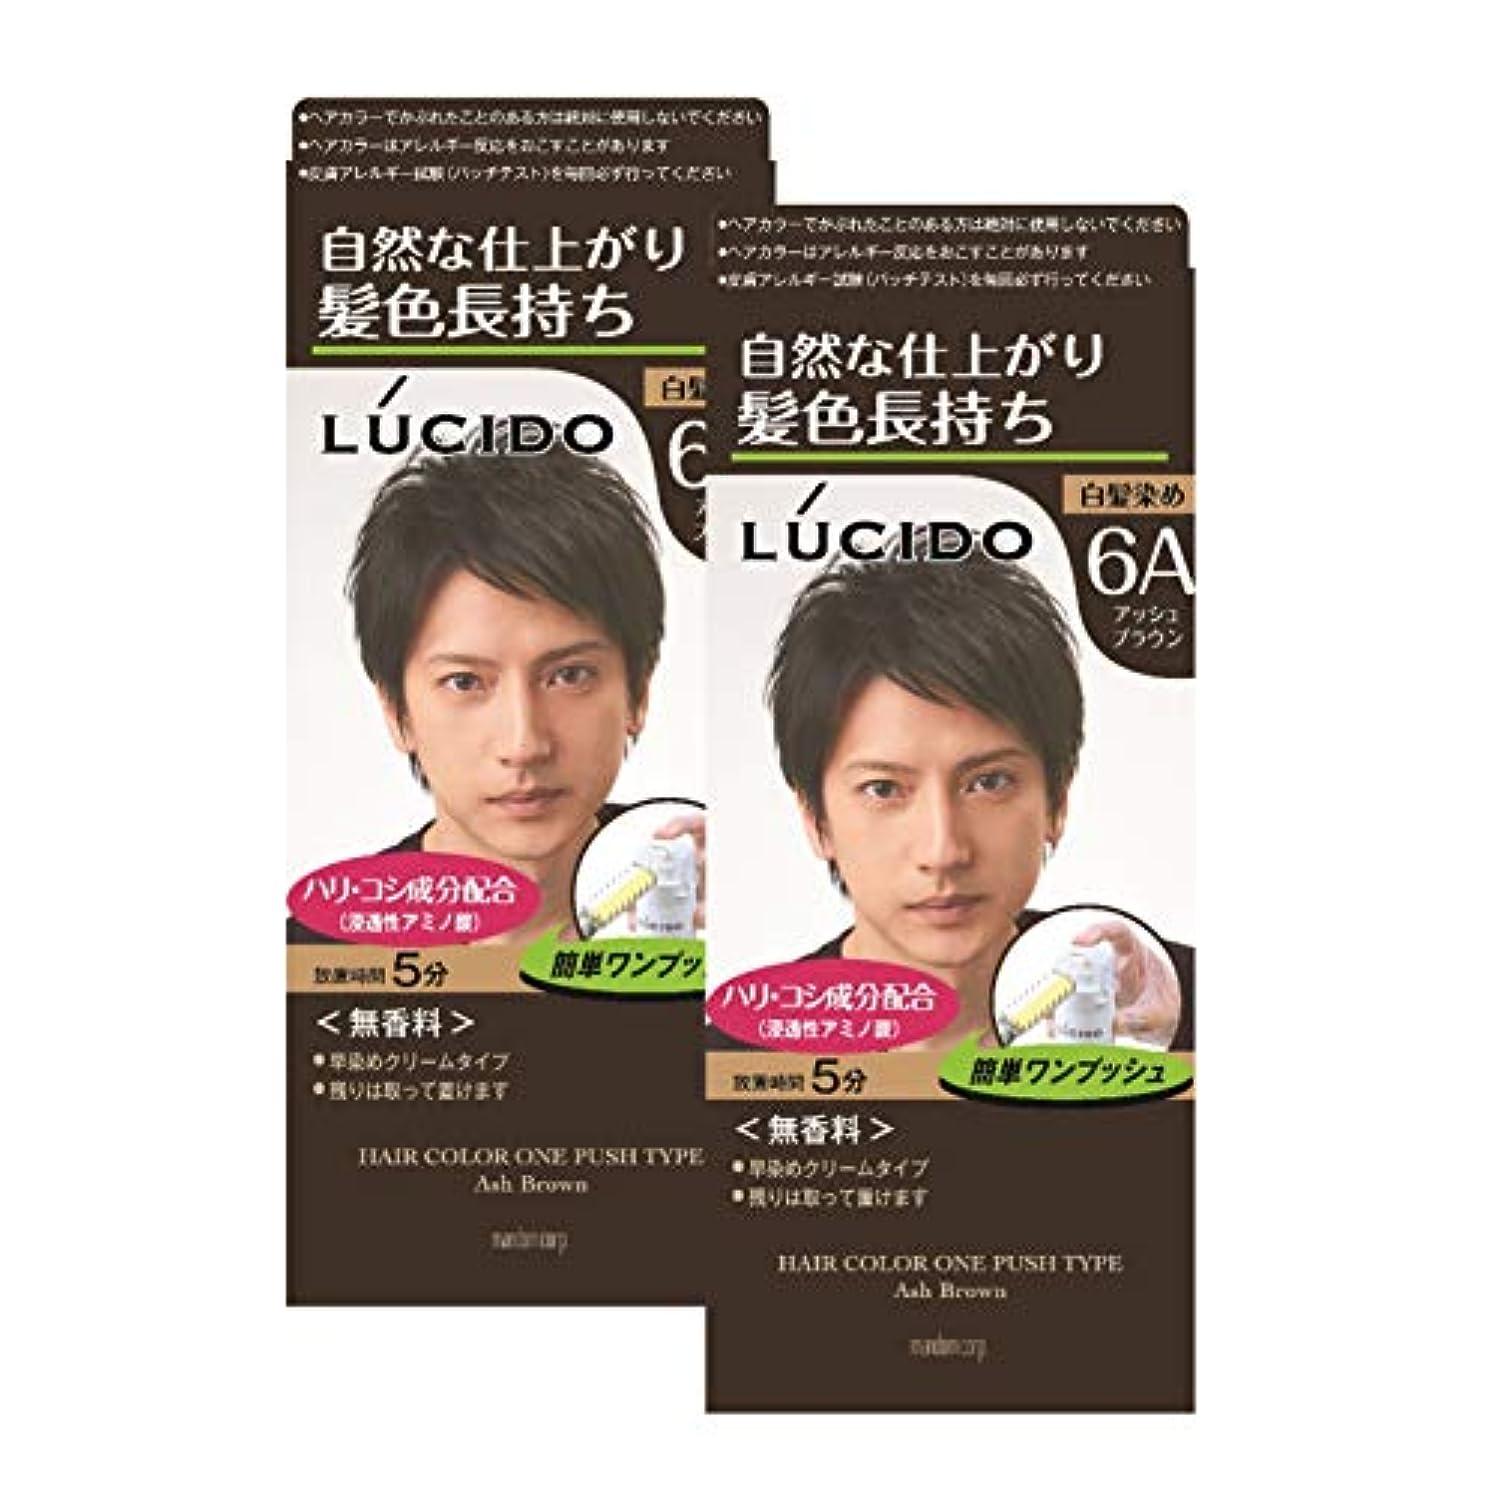 擬人手荷物自発LUCIDO(ルシード) ルシード ワンプッシュケアカラー アッシュブラウン (医薬部外品) 白髪染め 2個パック